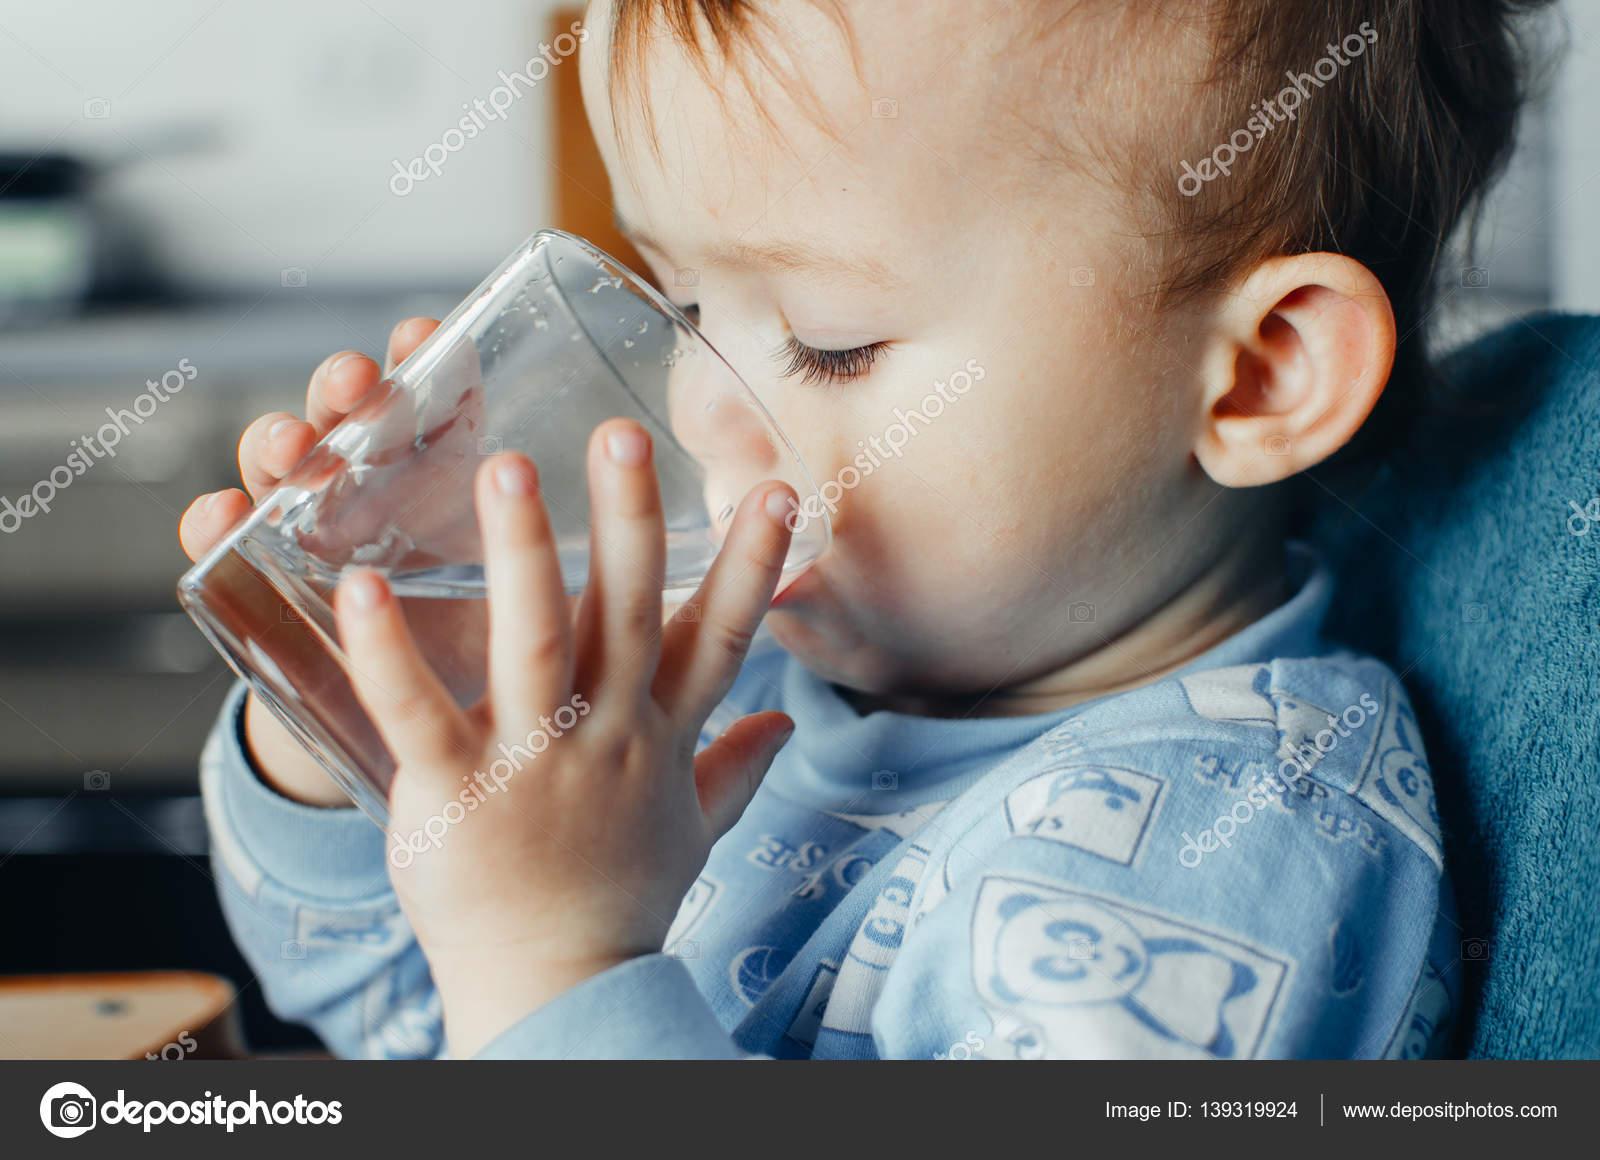 Imágenes: Bebes Tomando Agua